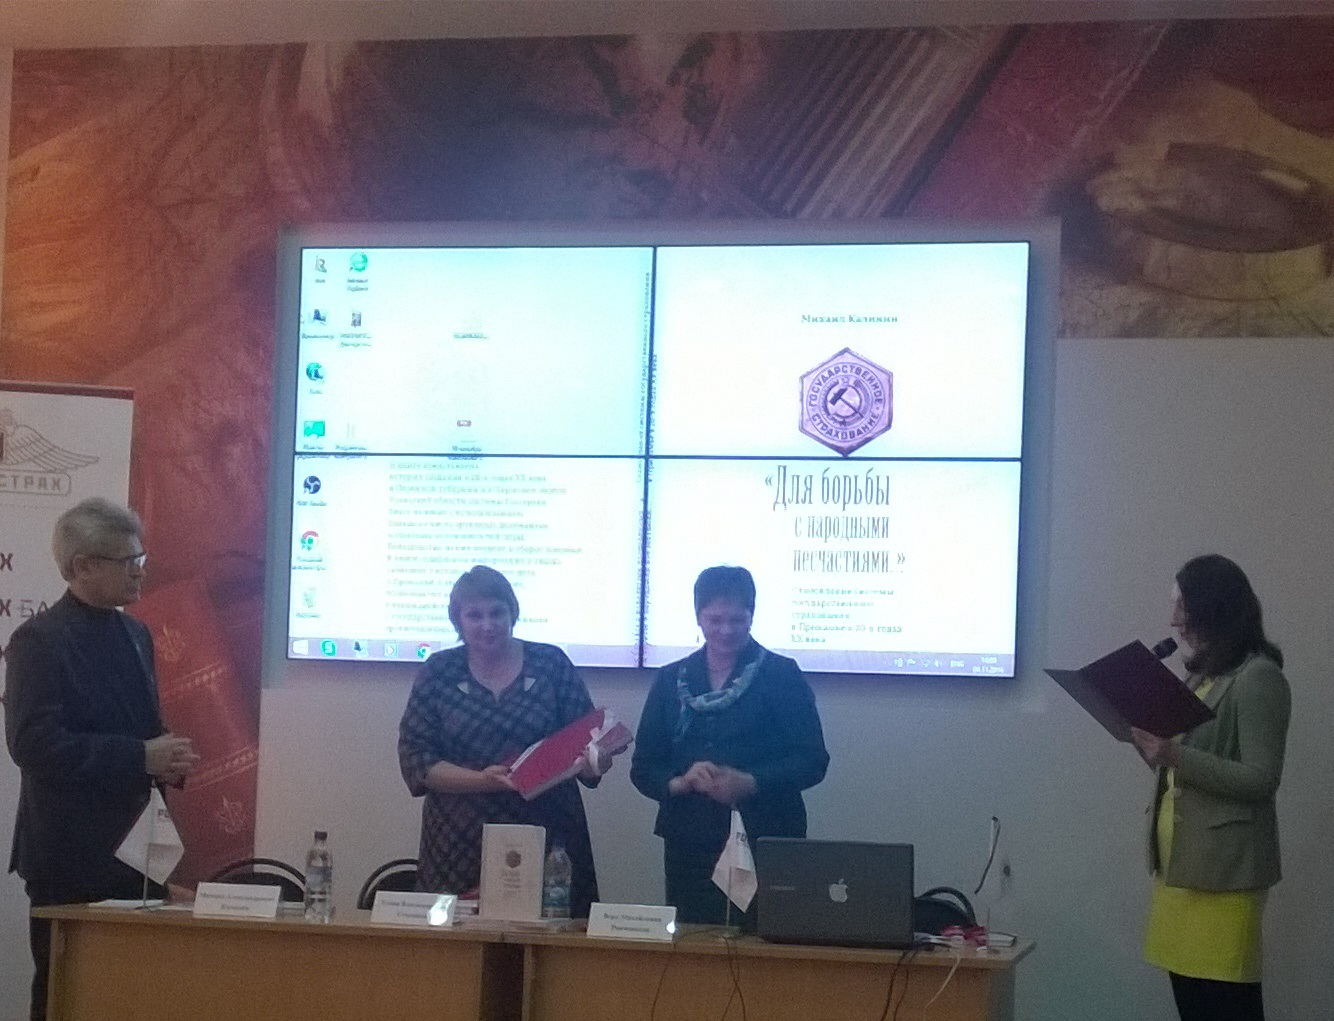 национальное объединение италии презентация